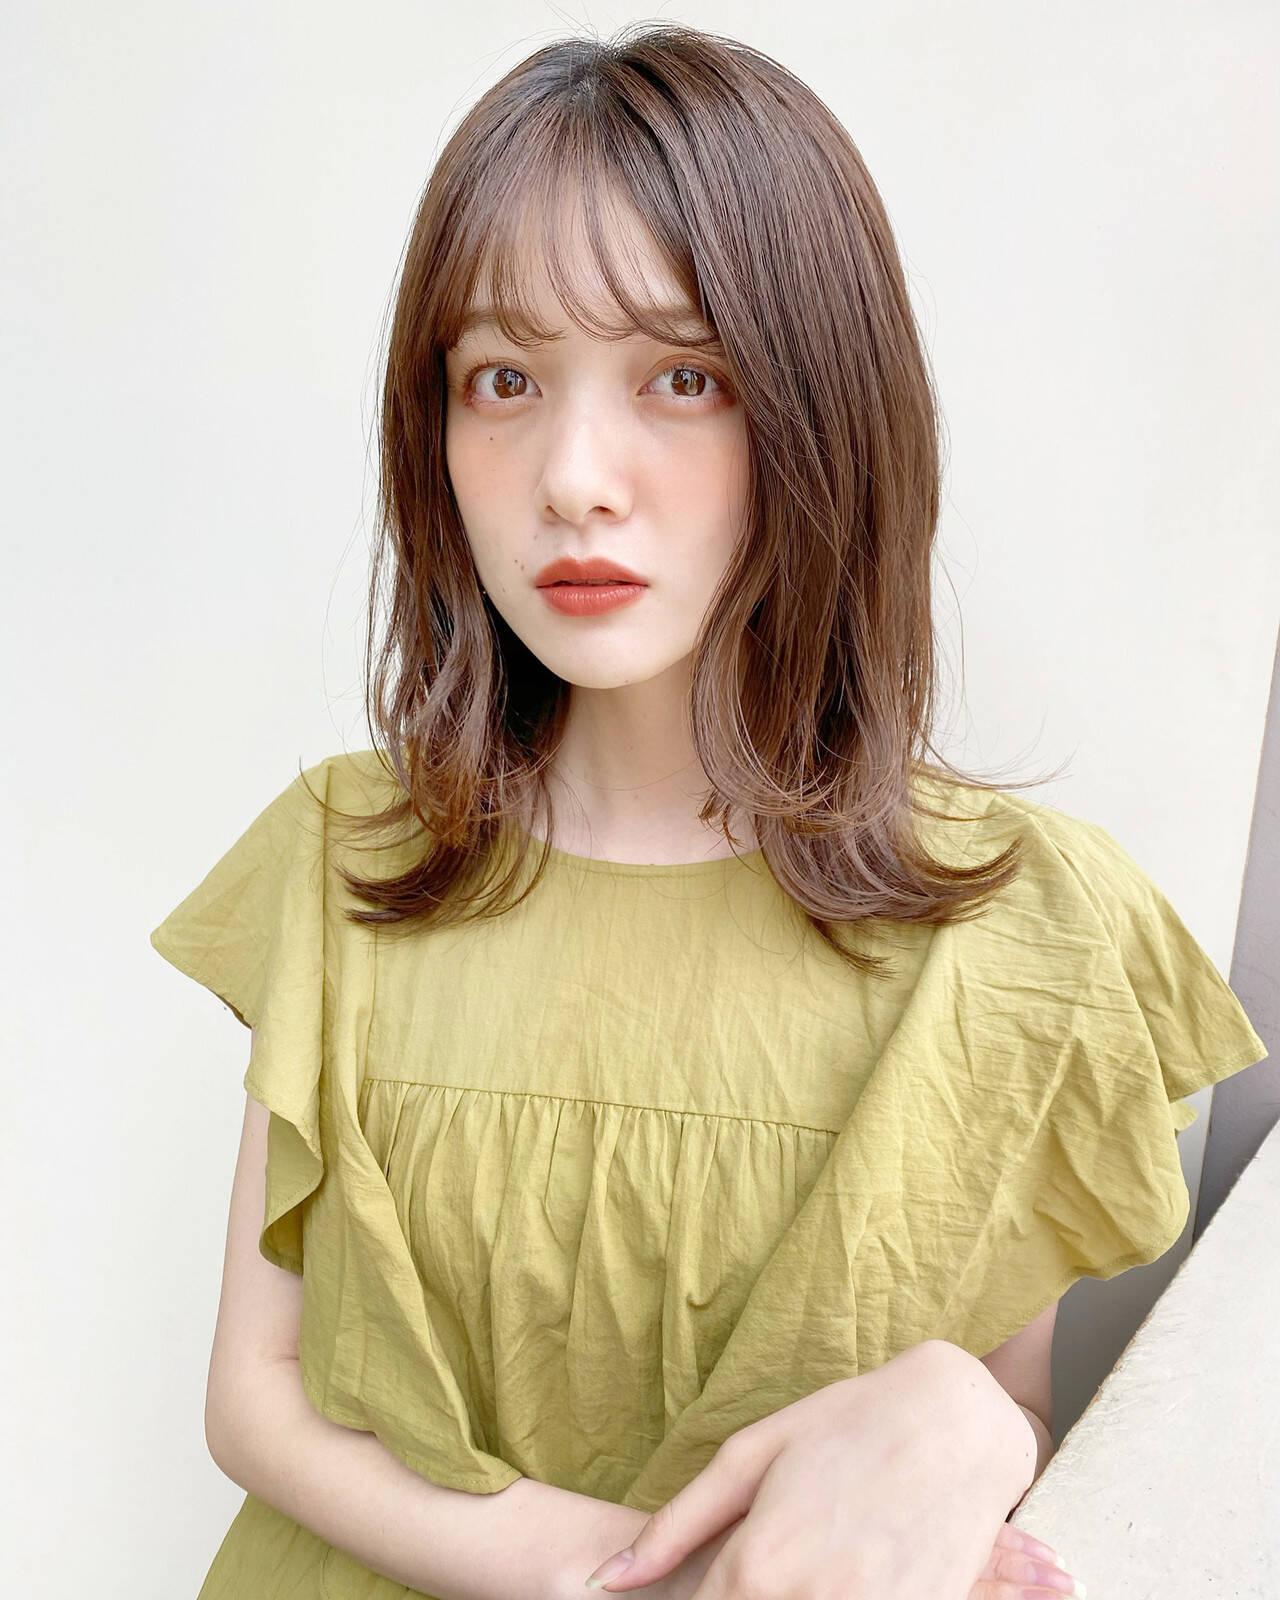 レイヤー ミディアムレイヤー レイヤーカット レイヤースタイルヘアスタイルや髪型の写真・画像